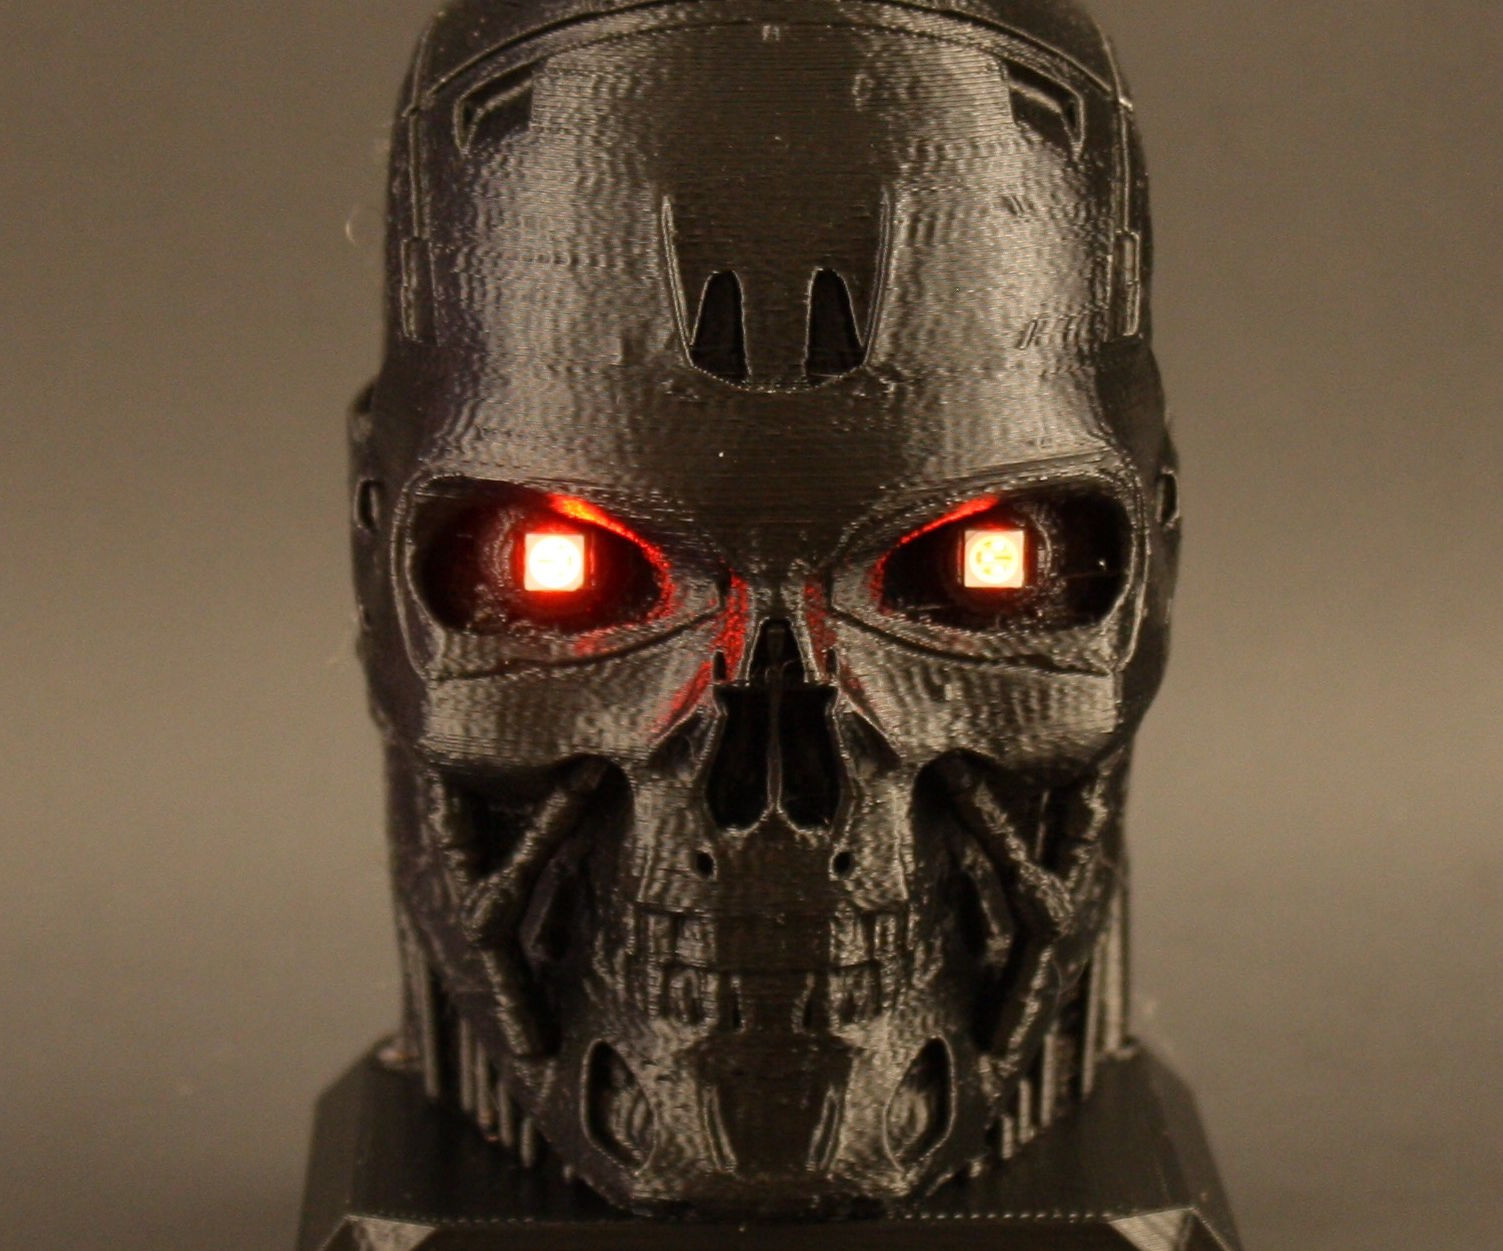 Electrified Terminator With LED Eyes